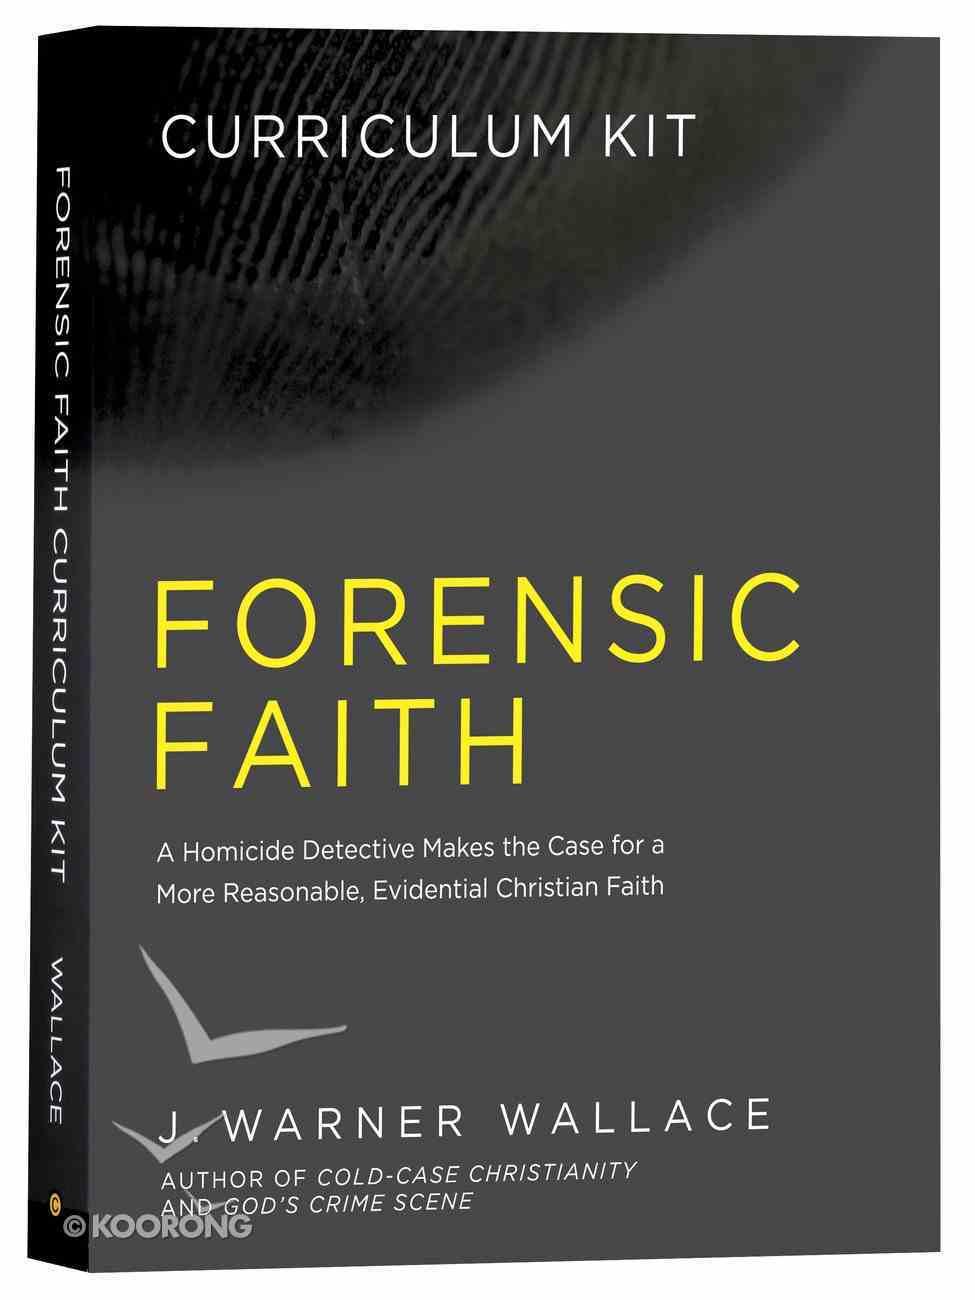 Forensic Faith (Curriculum Kit) Pack